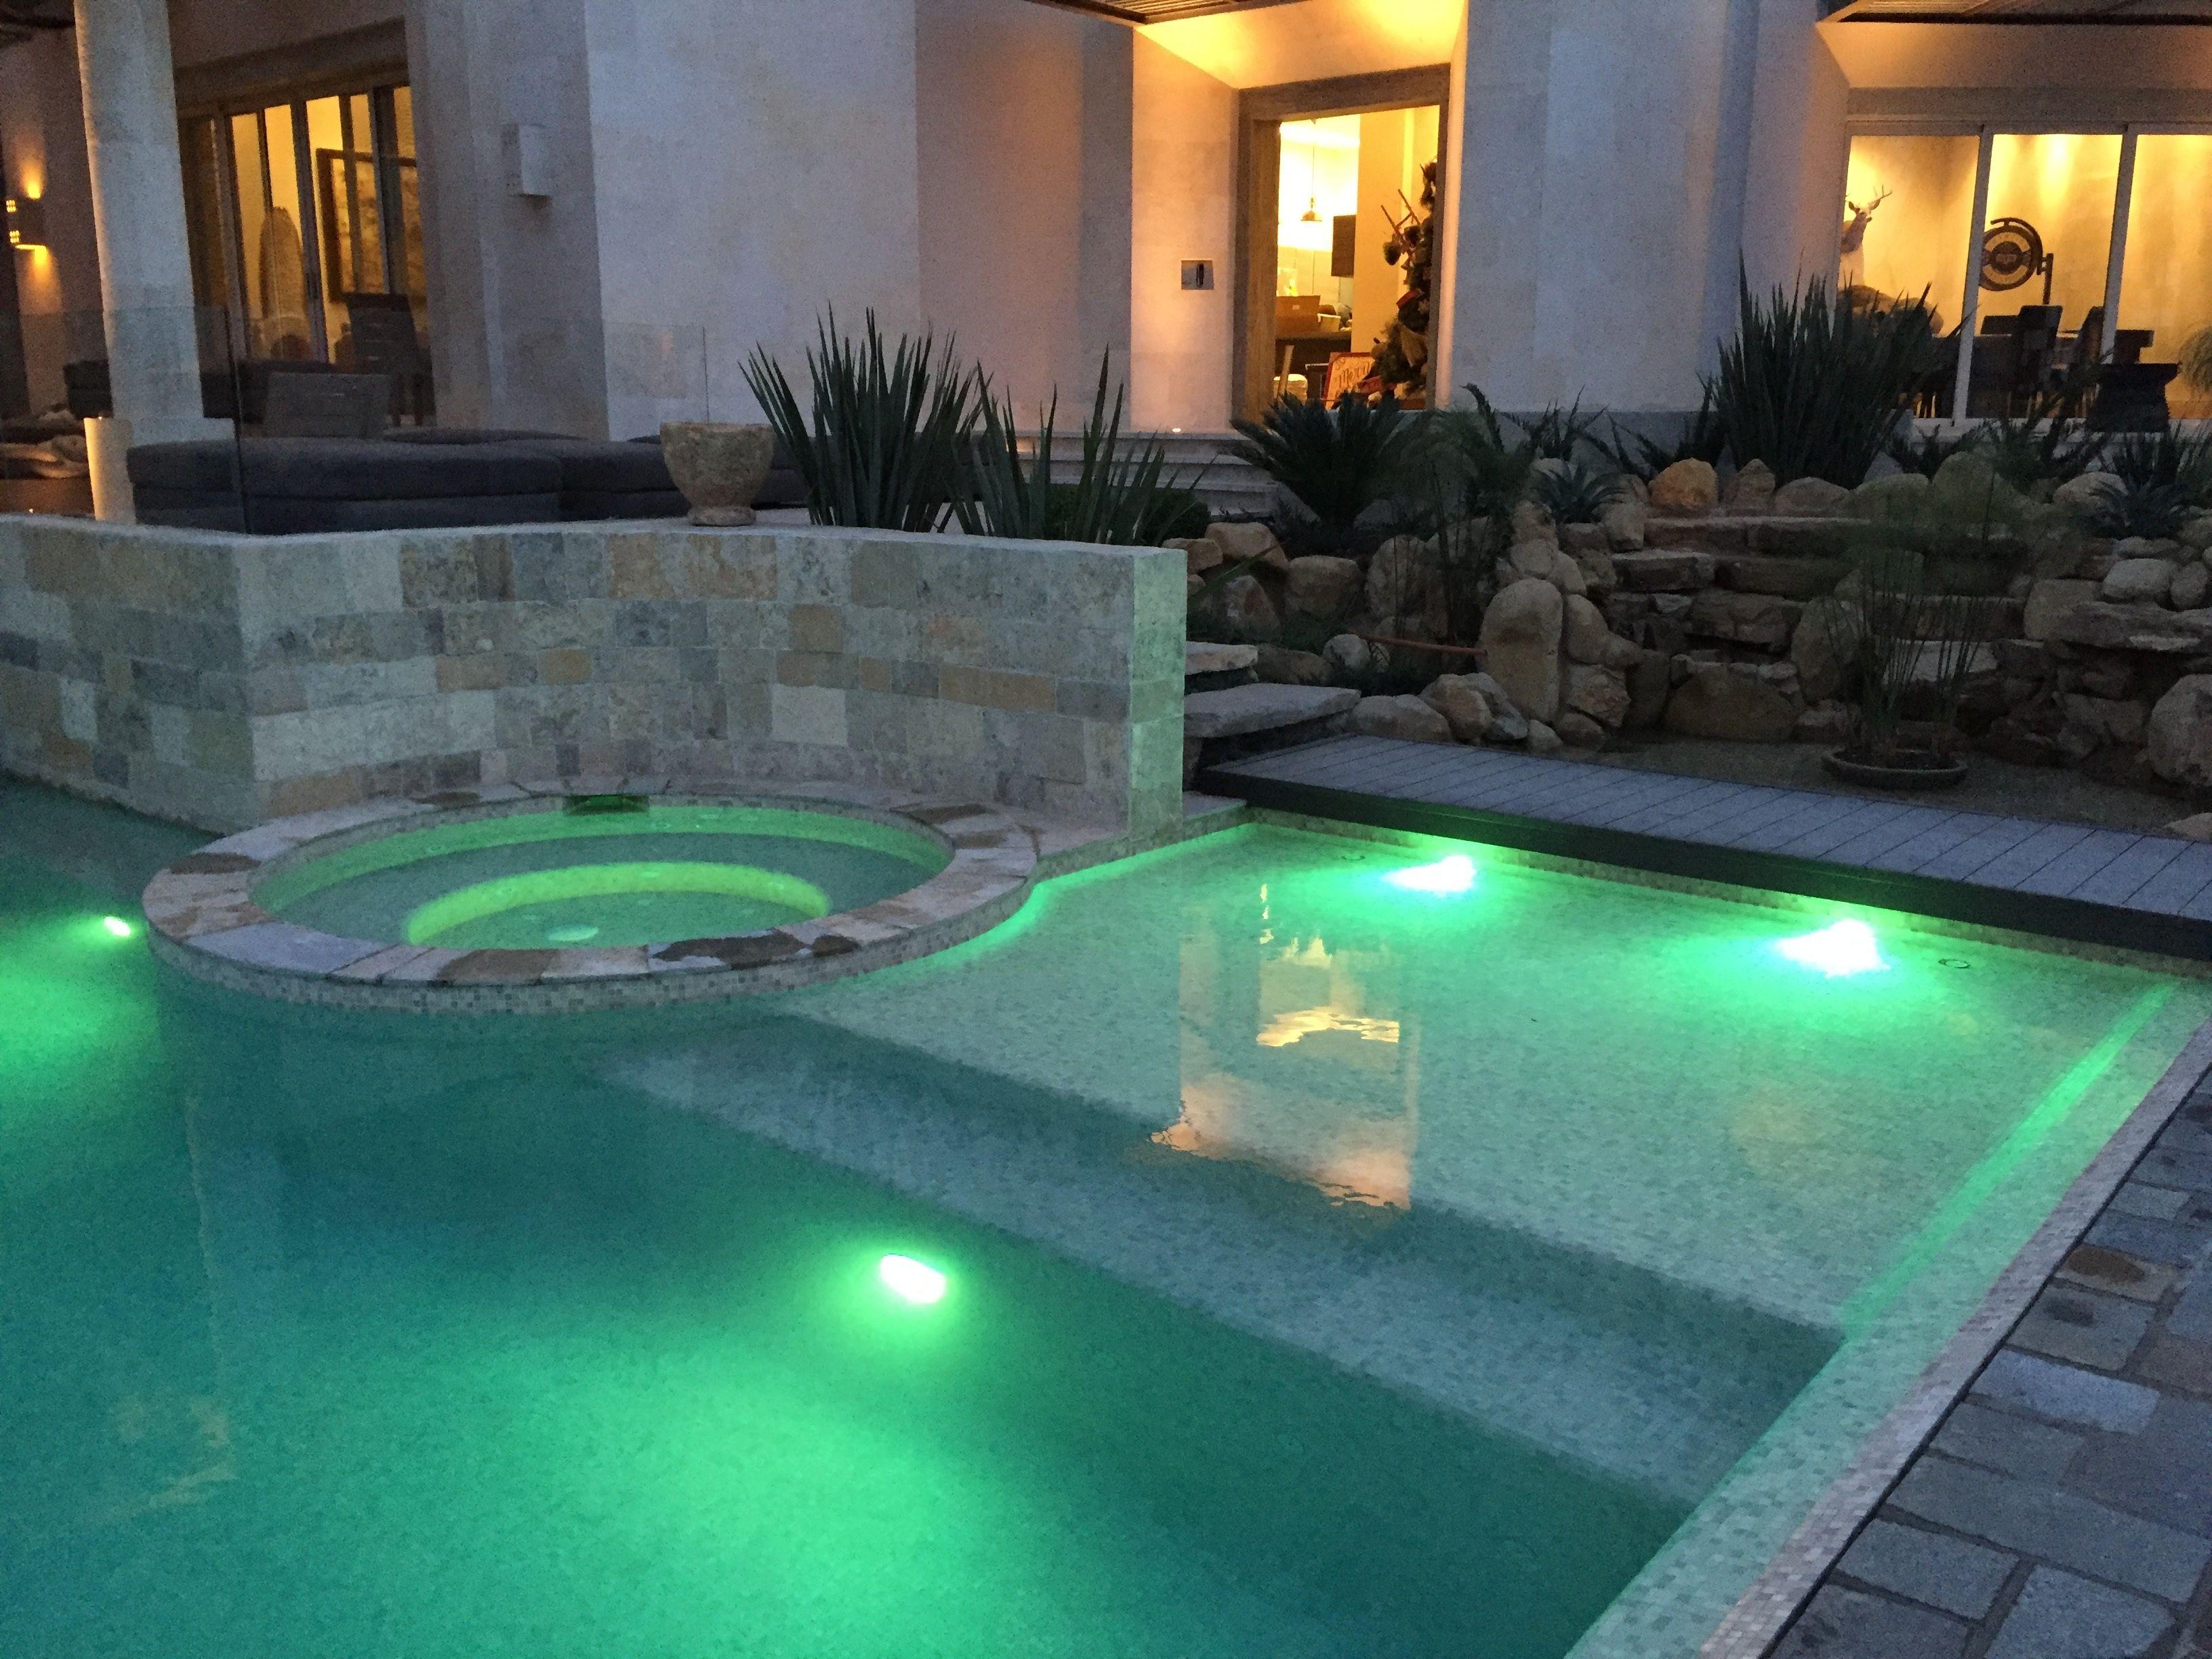 351 arquitectos piscina residencial con cascada frontal for Jacuzzi piscina exterior